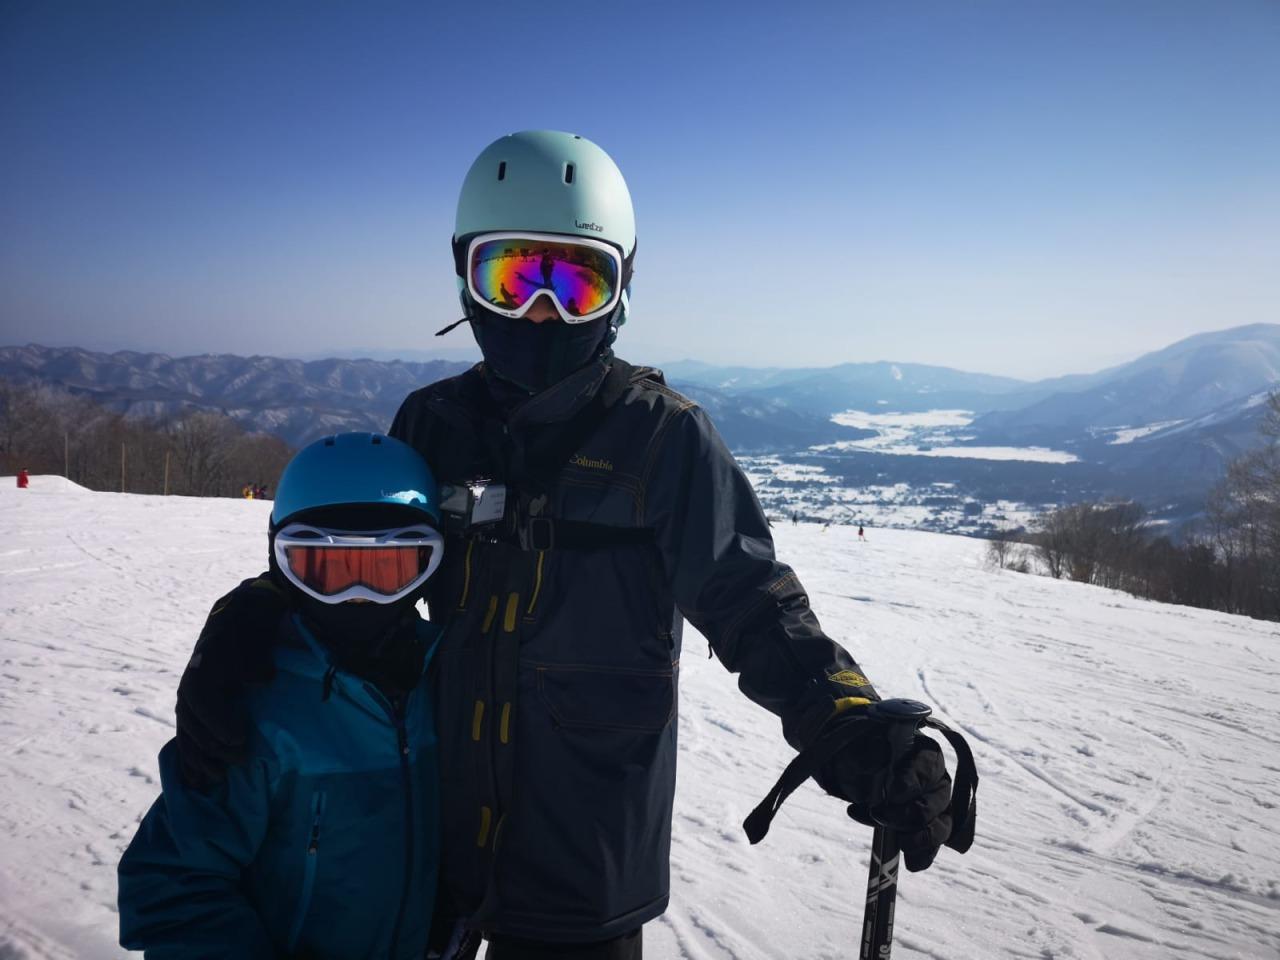 Iwatake Mountain Resort